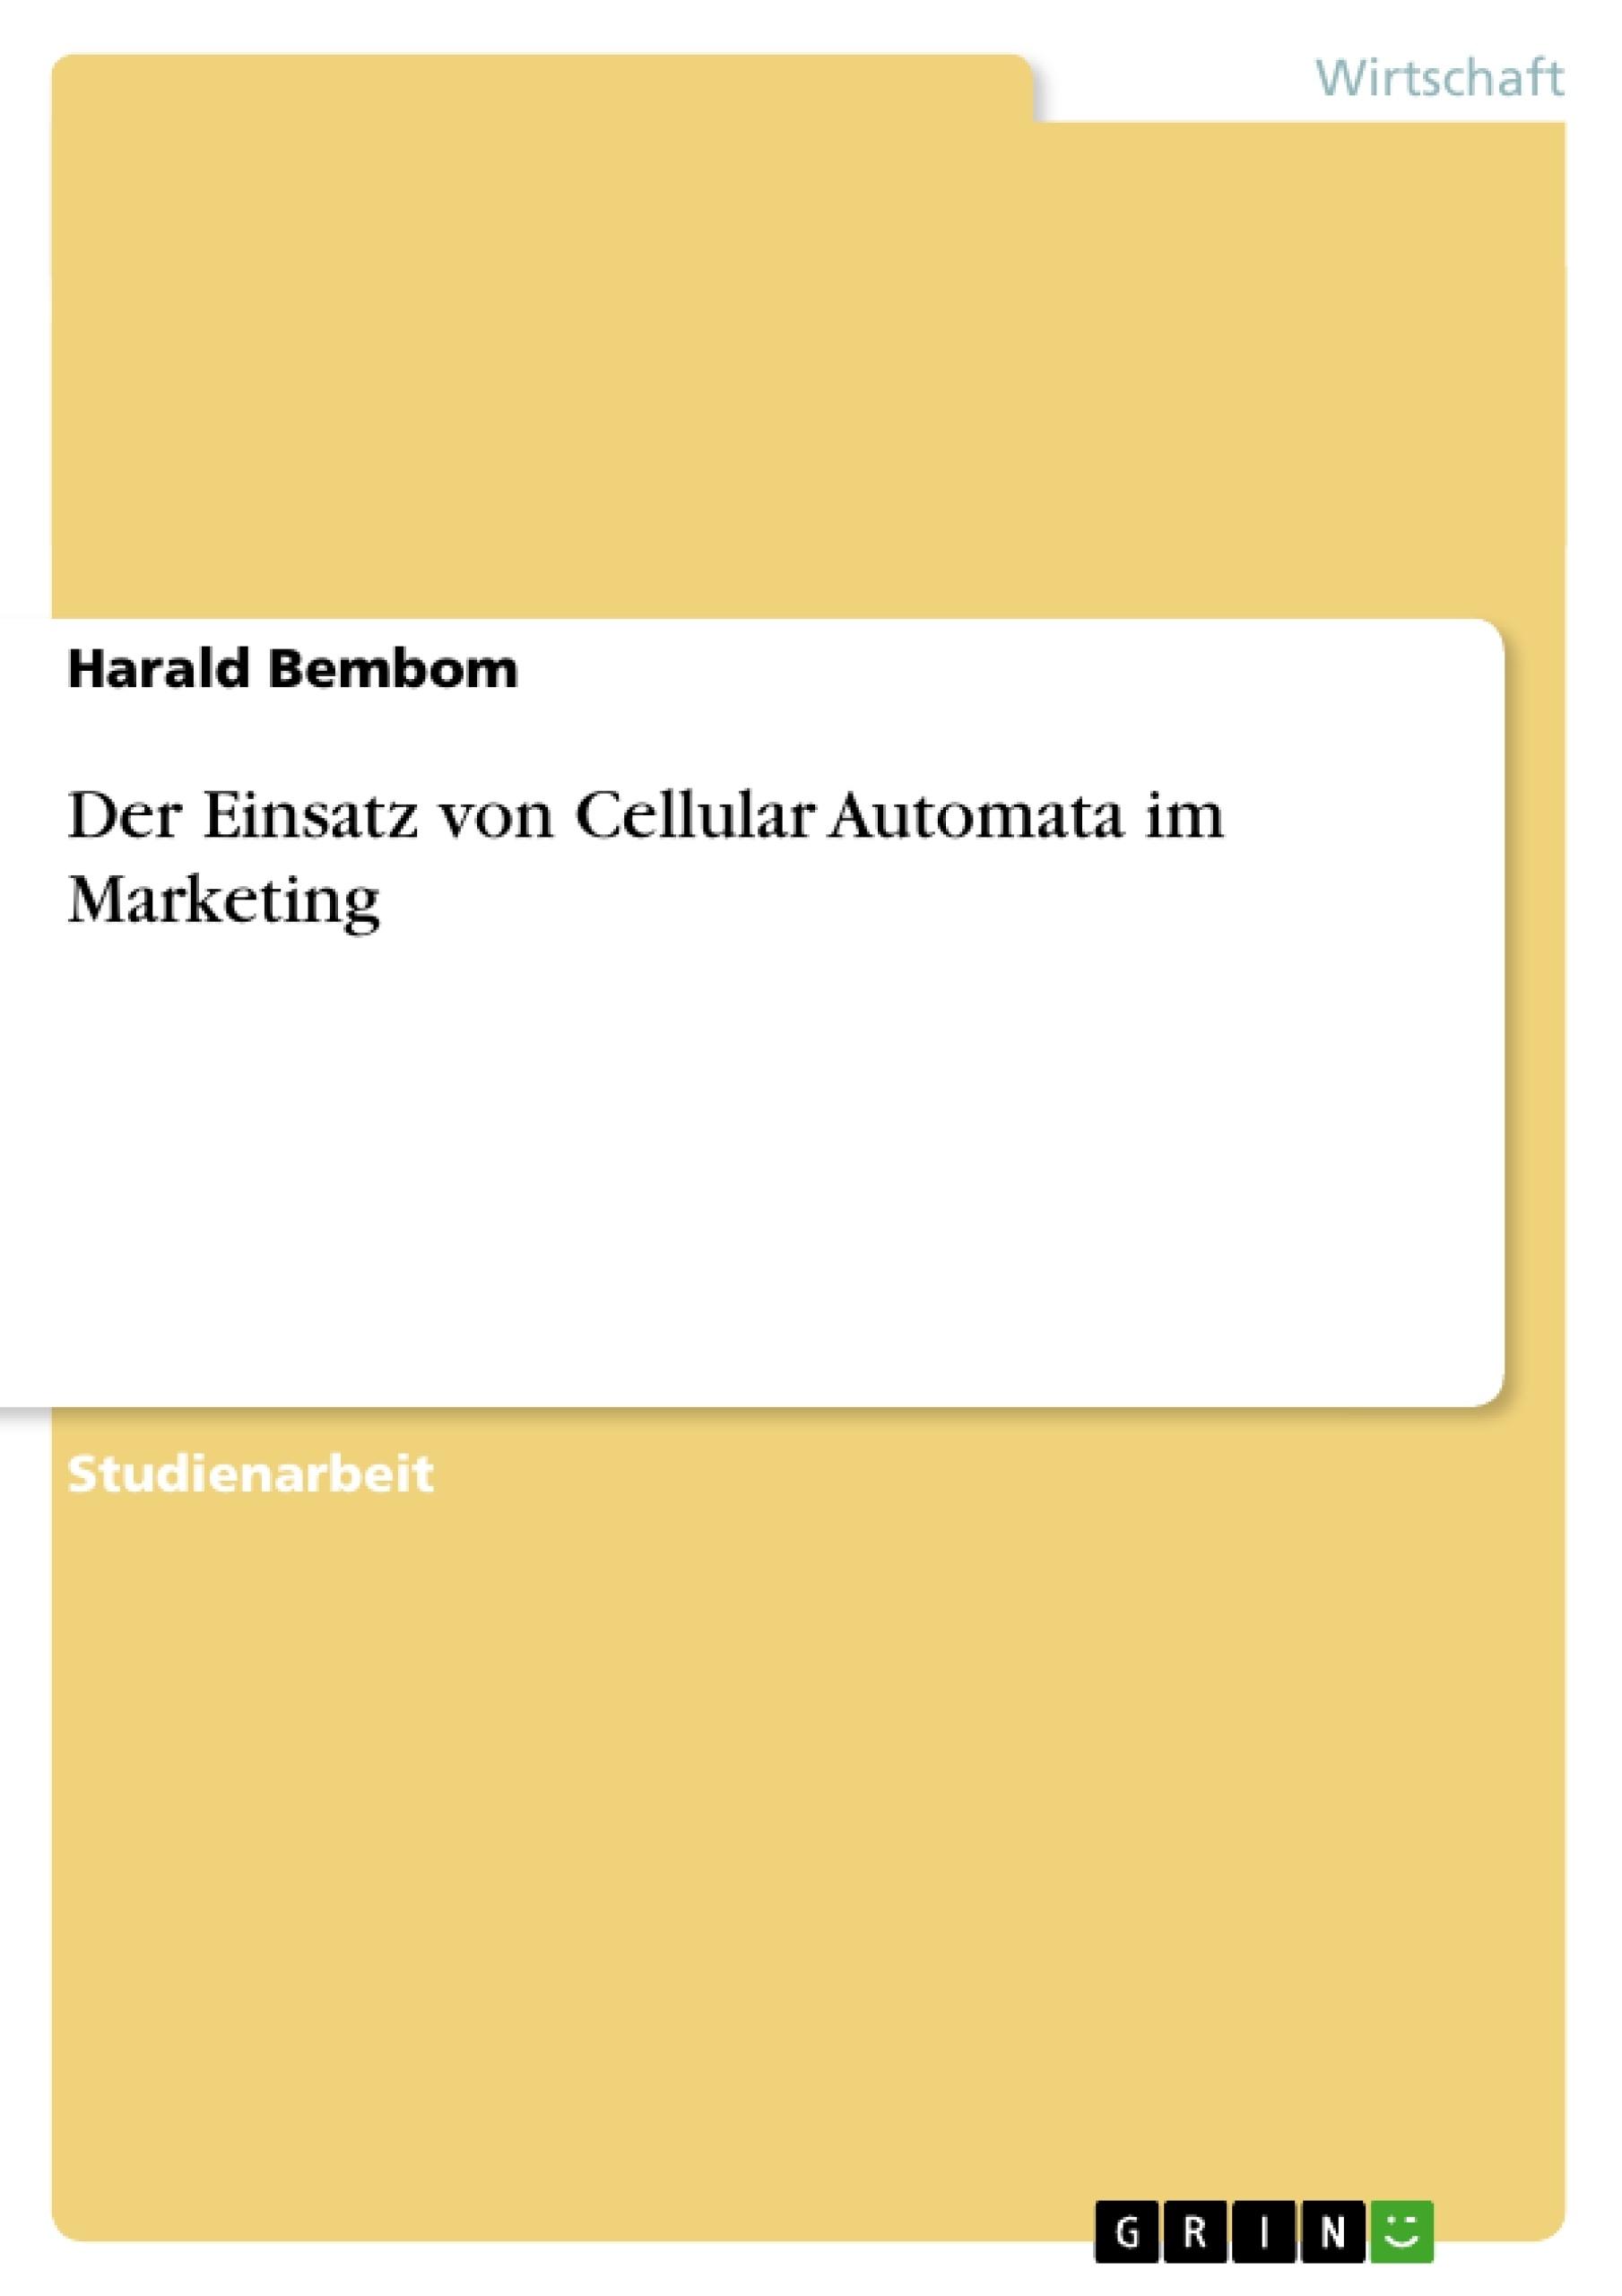 Titel: Der Einsatz von Cellular Automata im Marketing